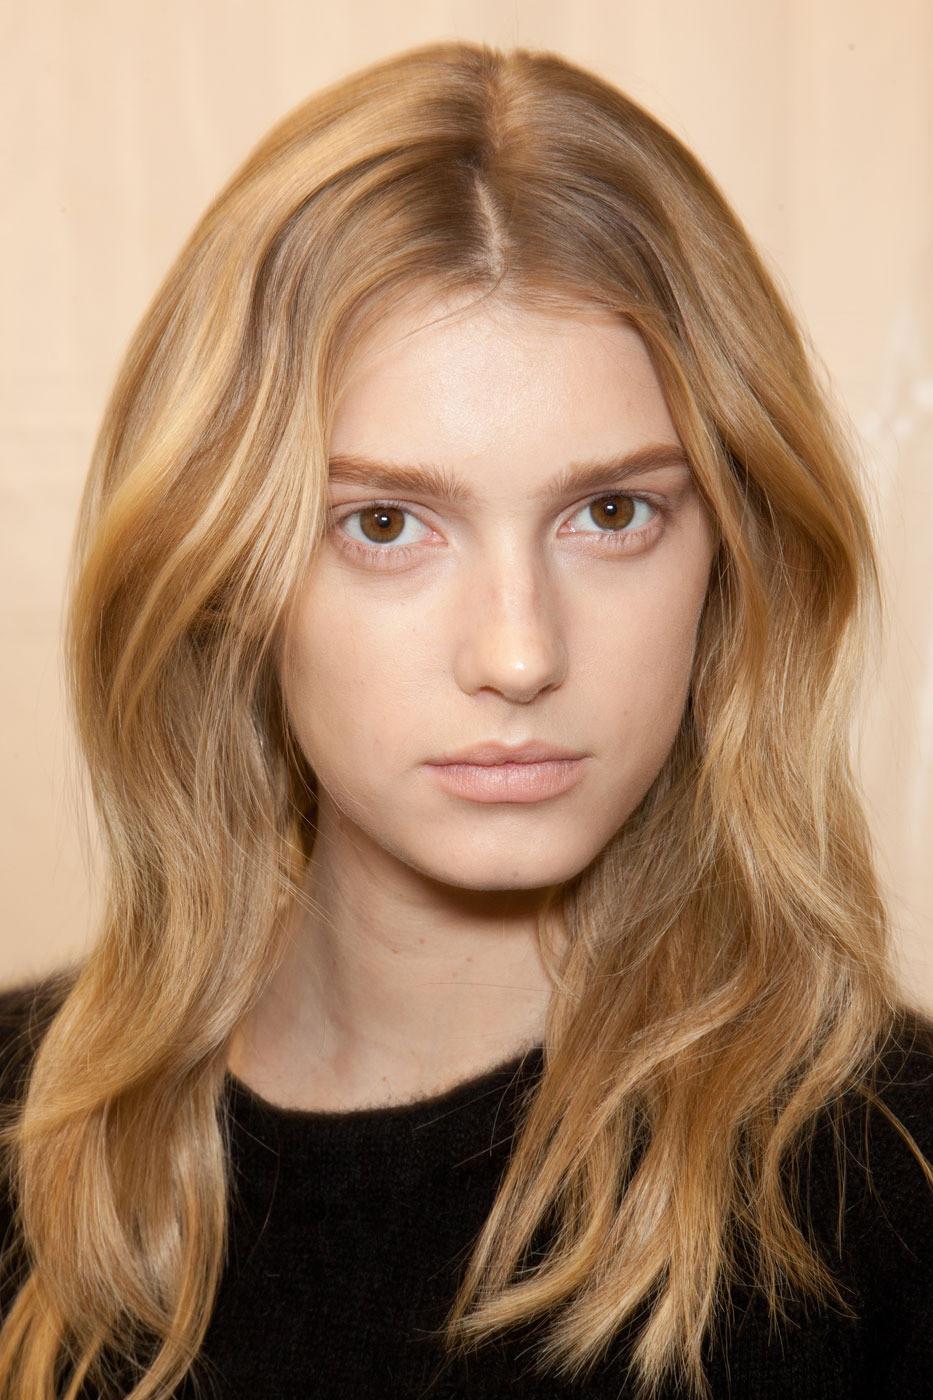 Sigrid Agren | Models | Skinny Gossip Forums